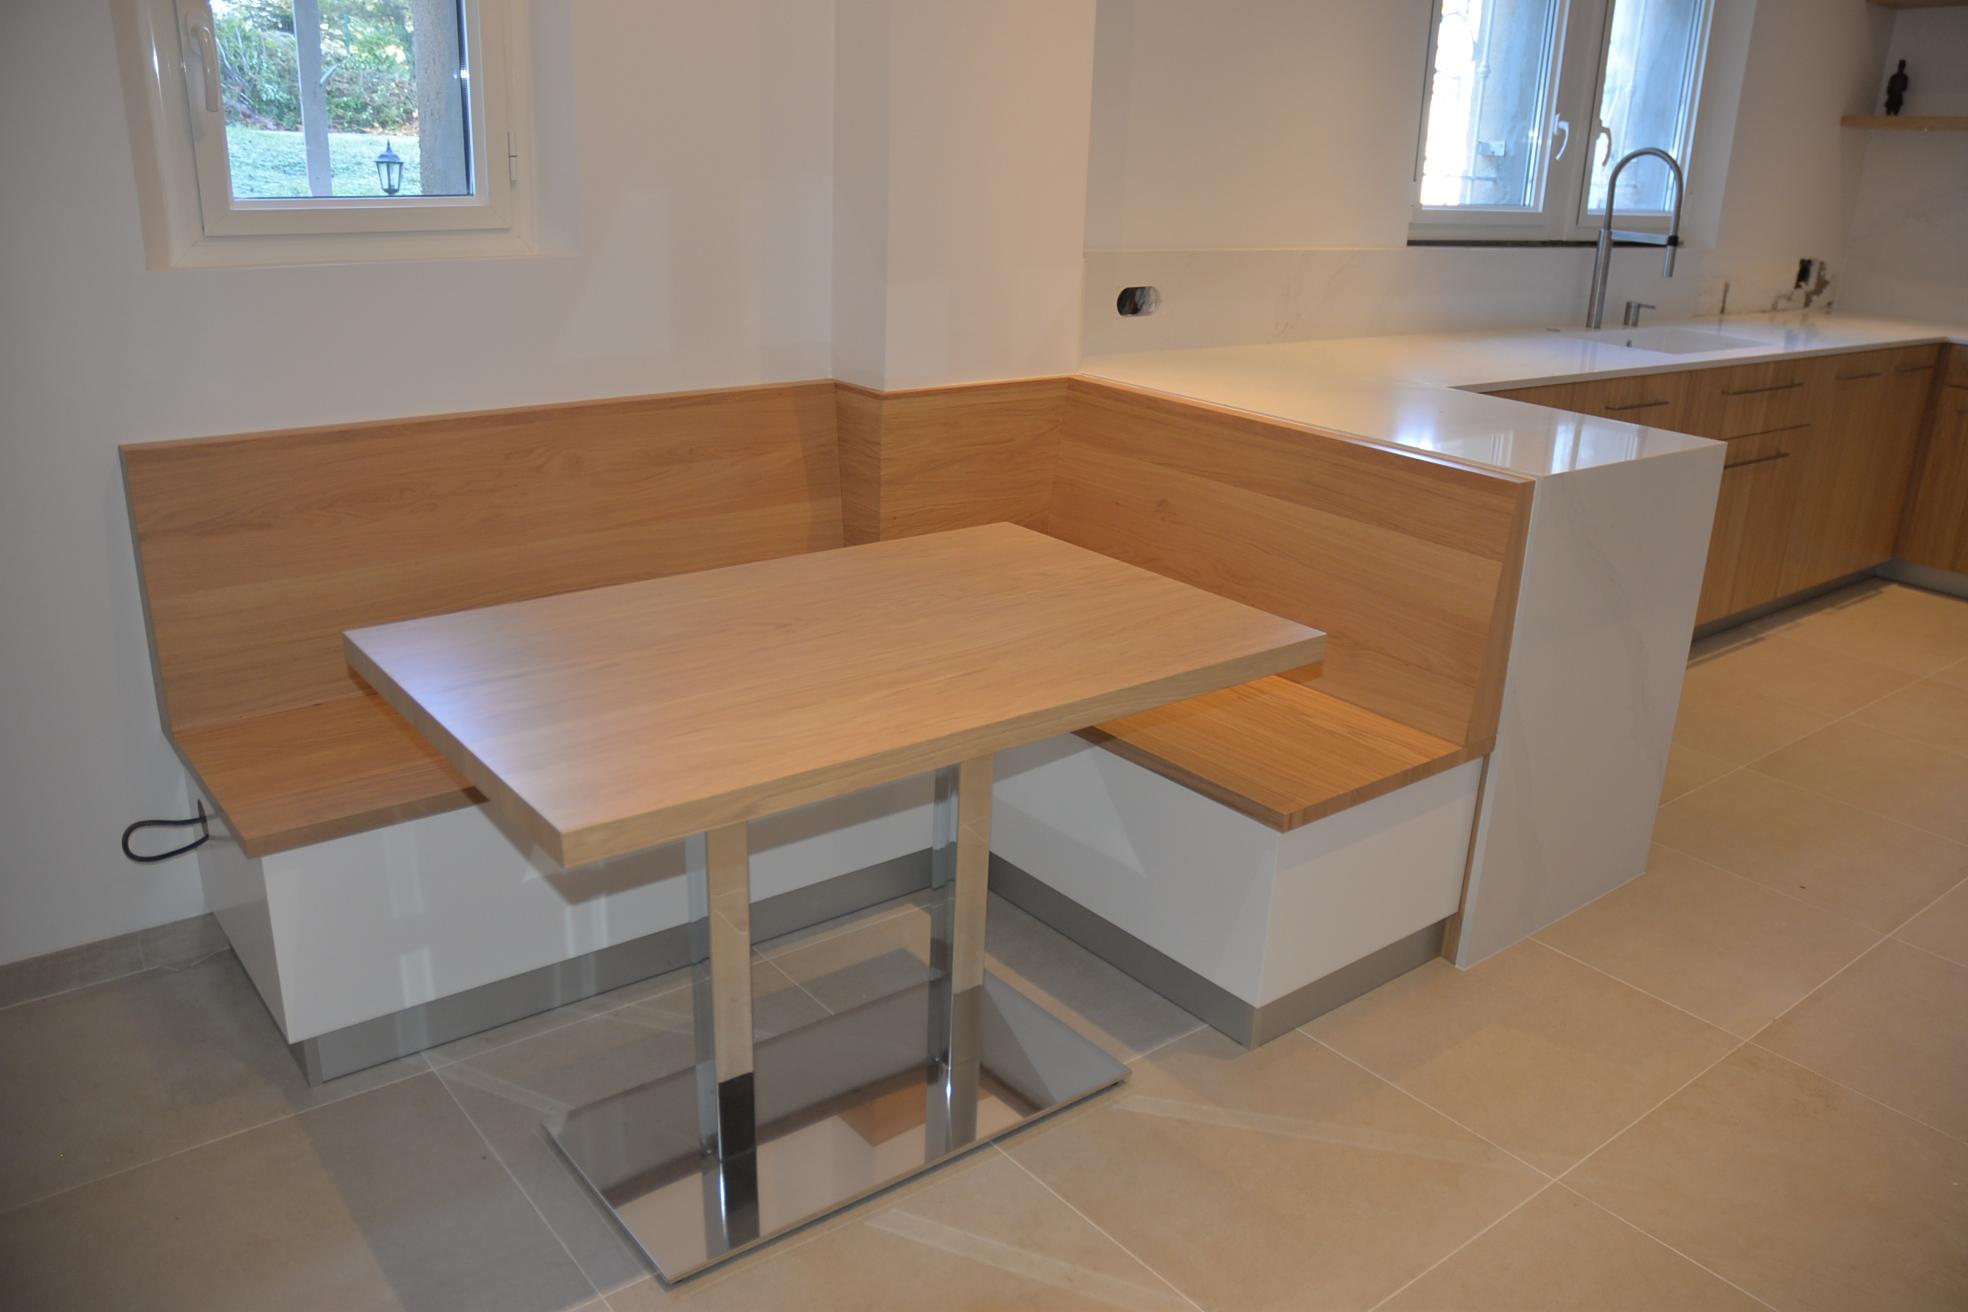 Ebeniste Aix En Provence cuisine villa aix en provence - agencement intérieur et